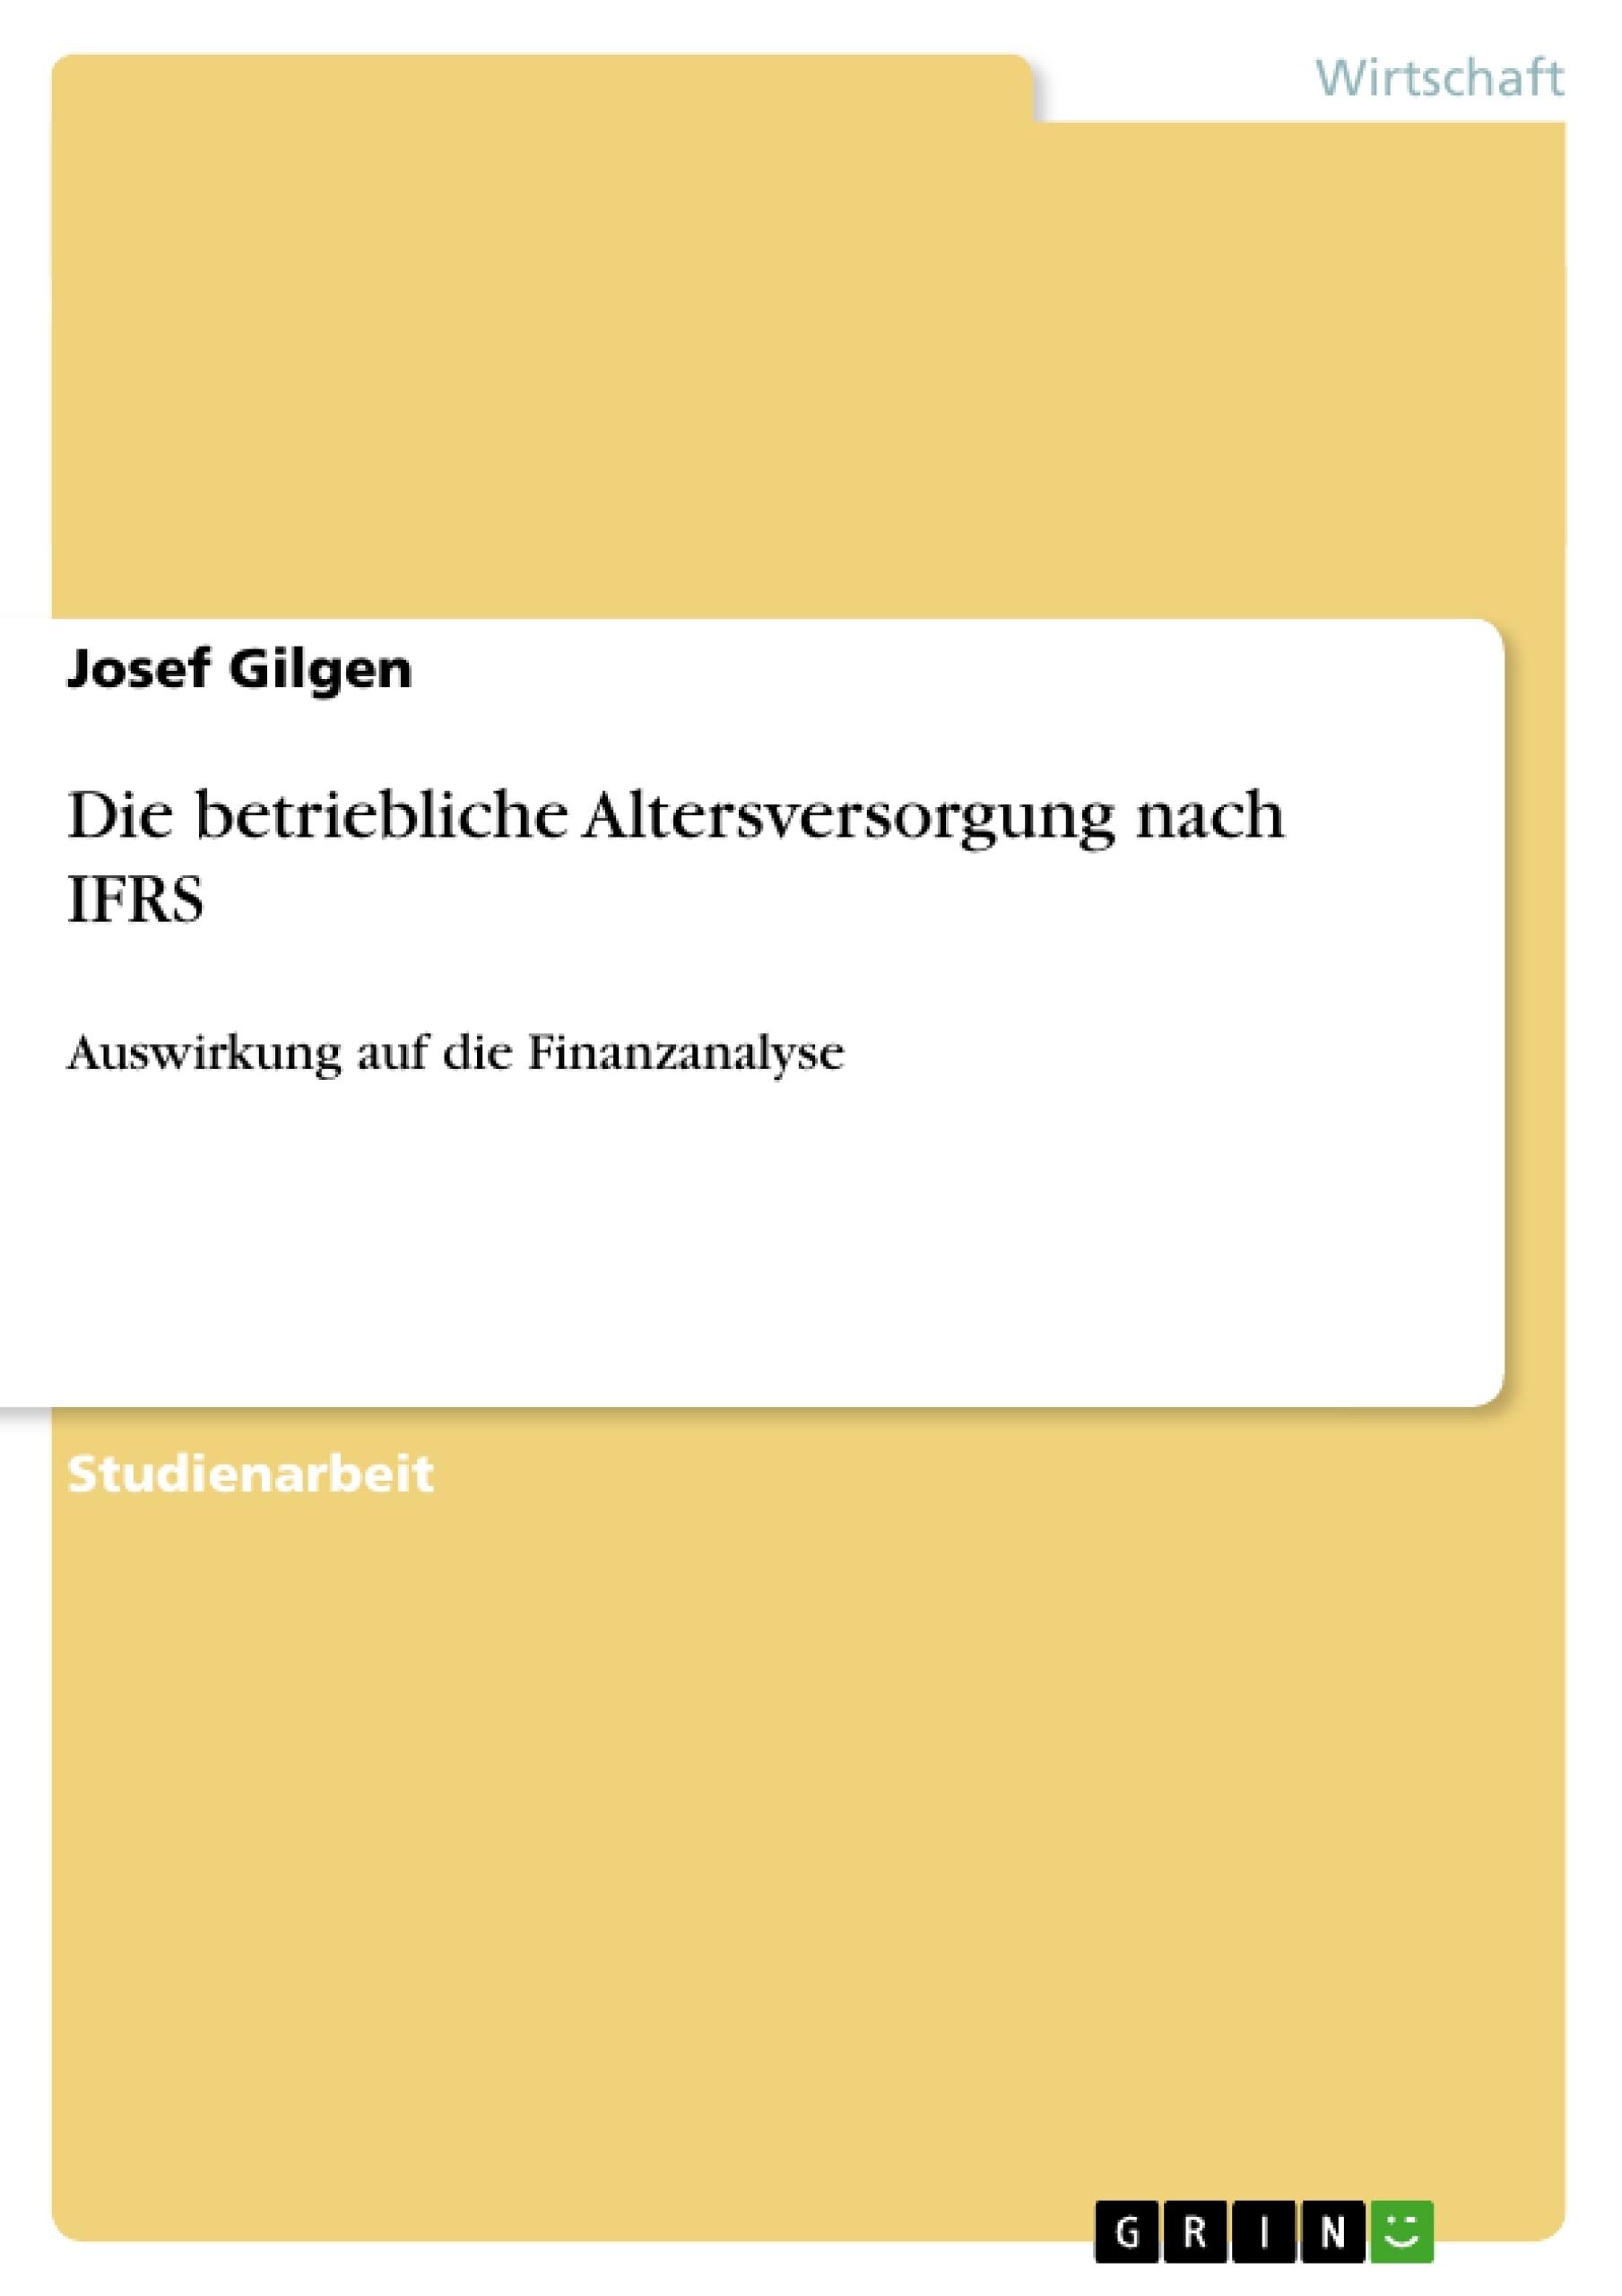 Titel: Die betriebliche Altersversorgung nach IFRS